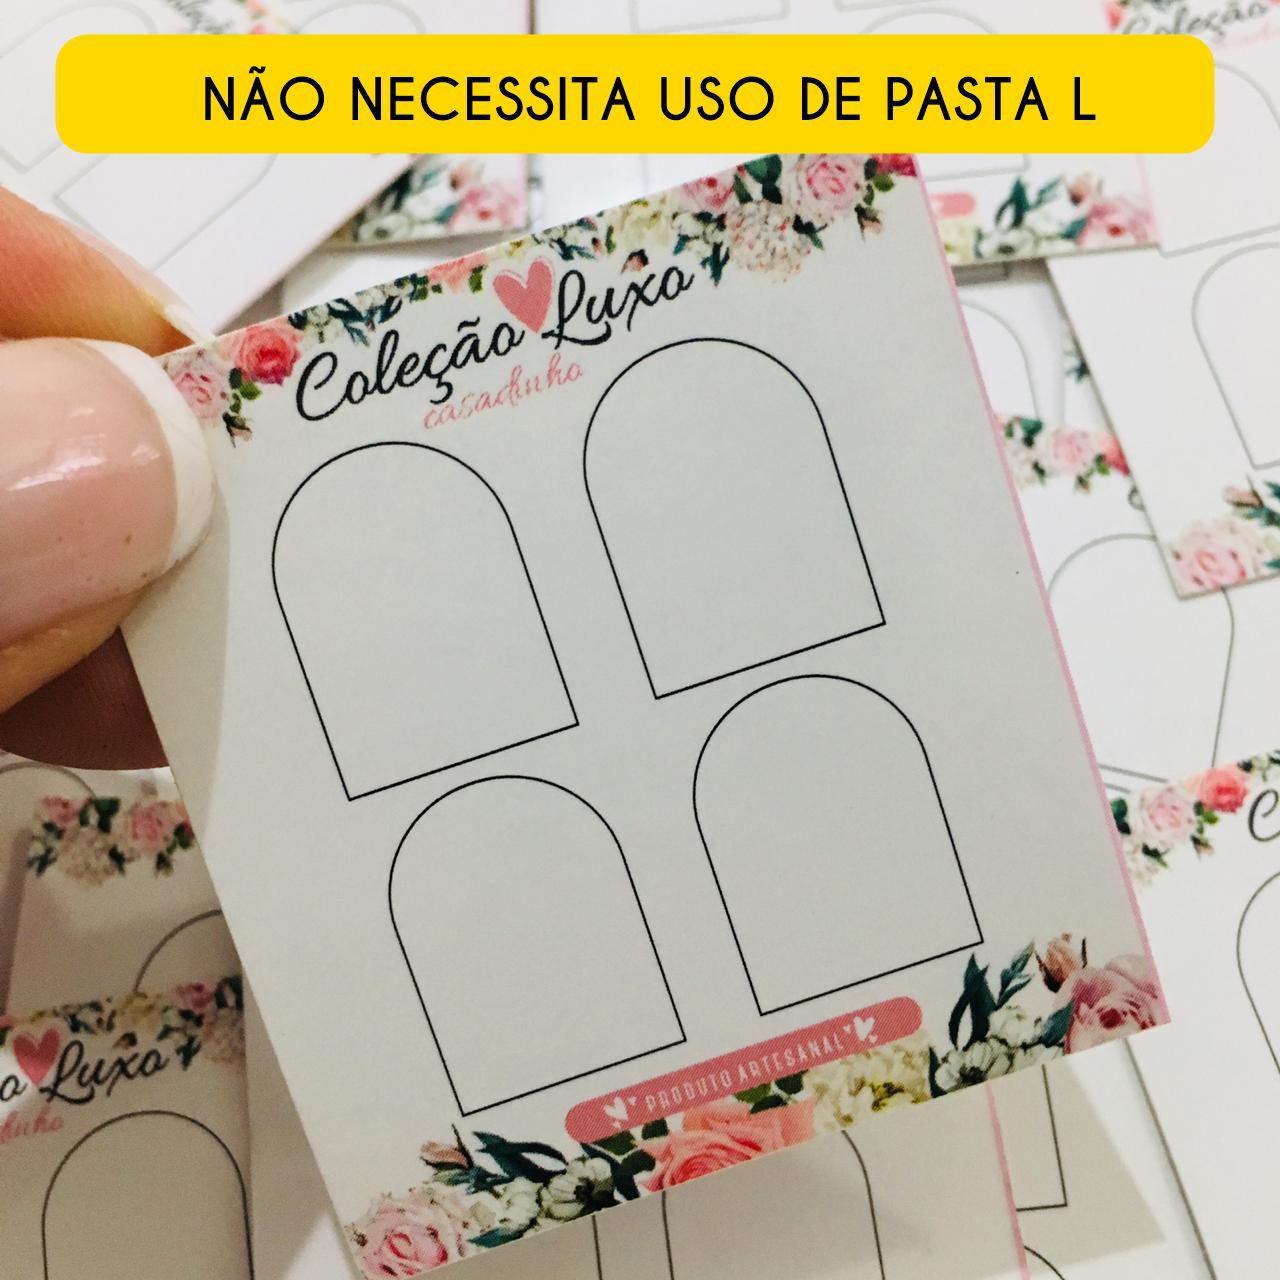 Cartao casadinho   - Sílvia Pedrarias & Cia